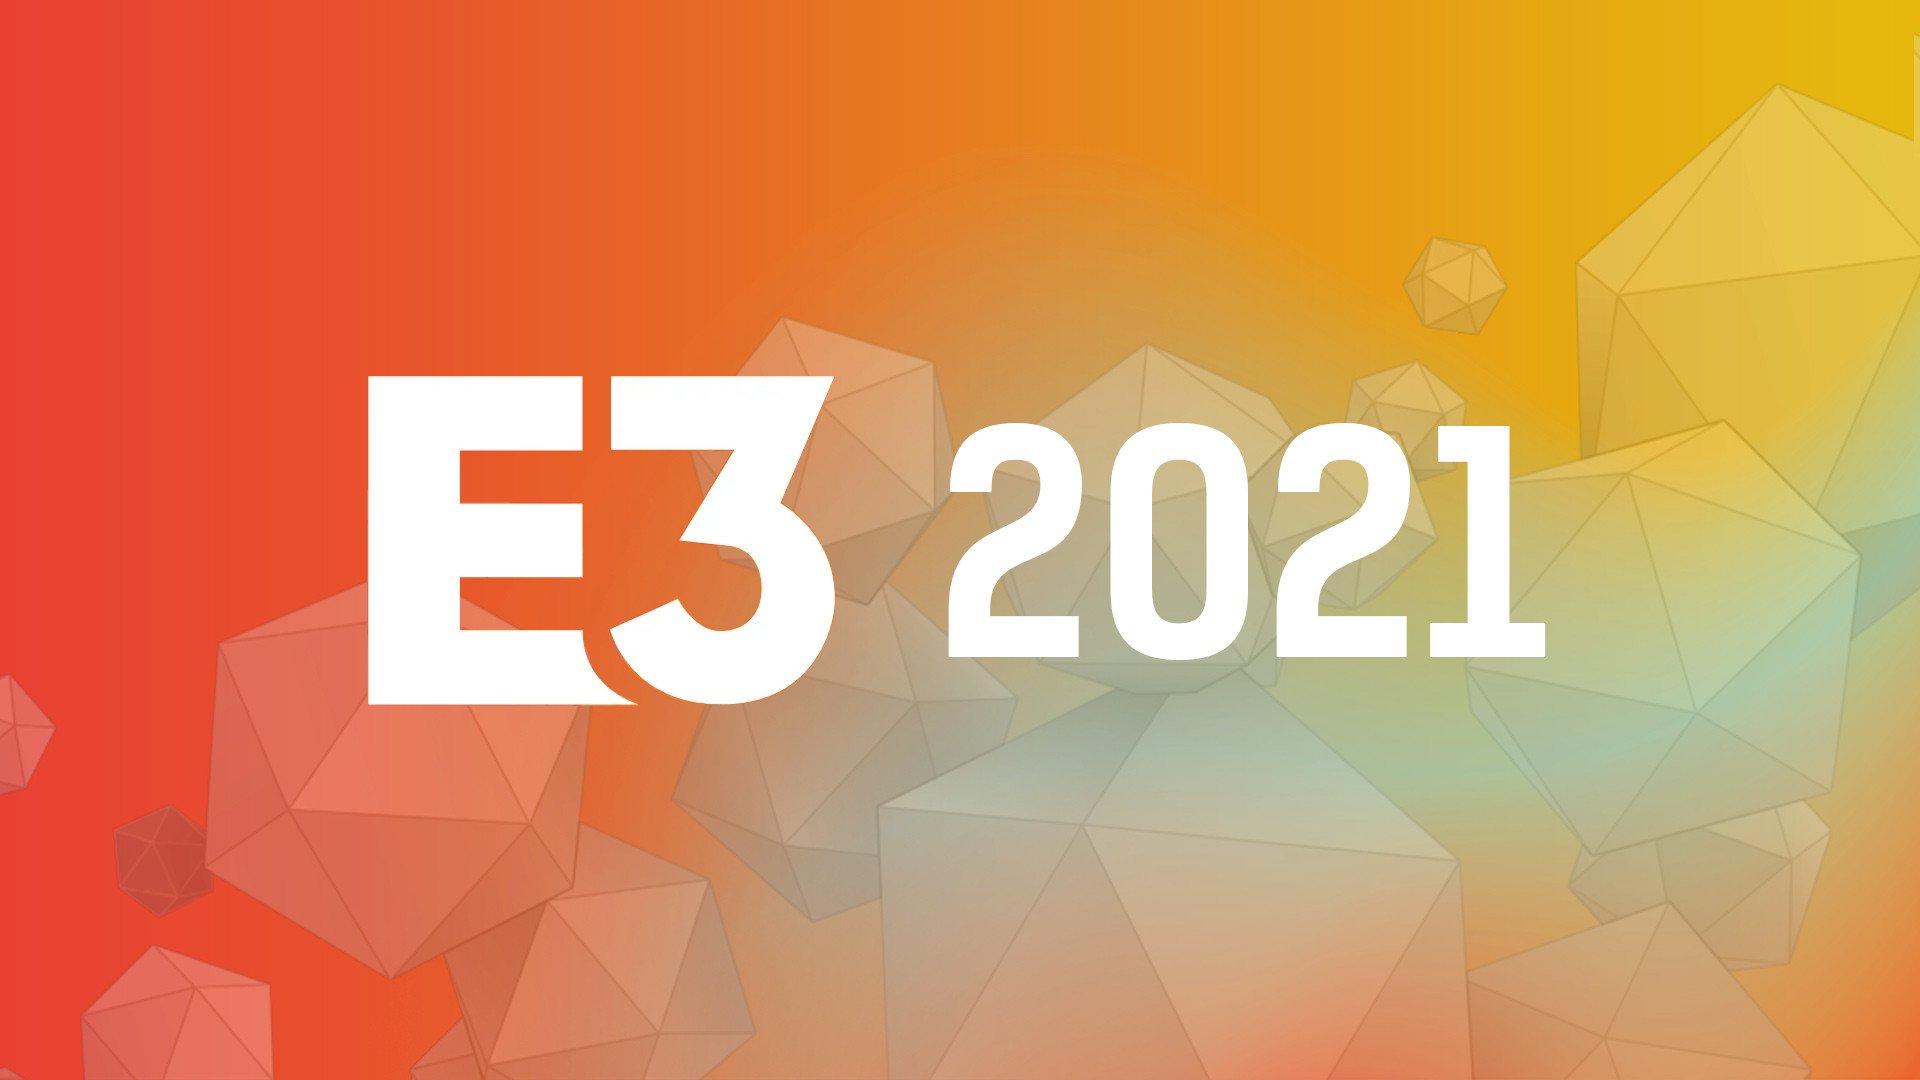 Расписание E3 2021 и Summer Game Fest